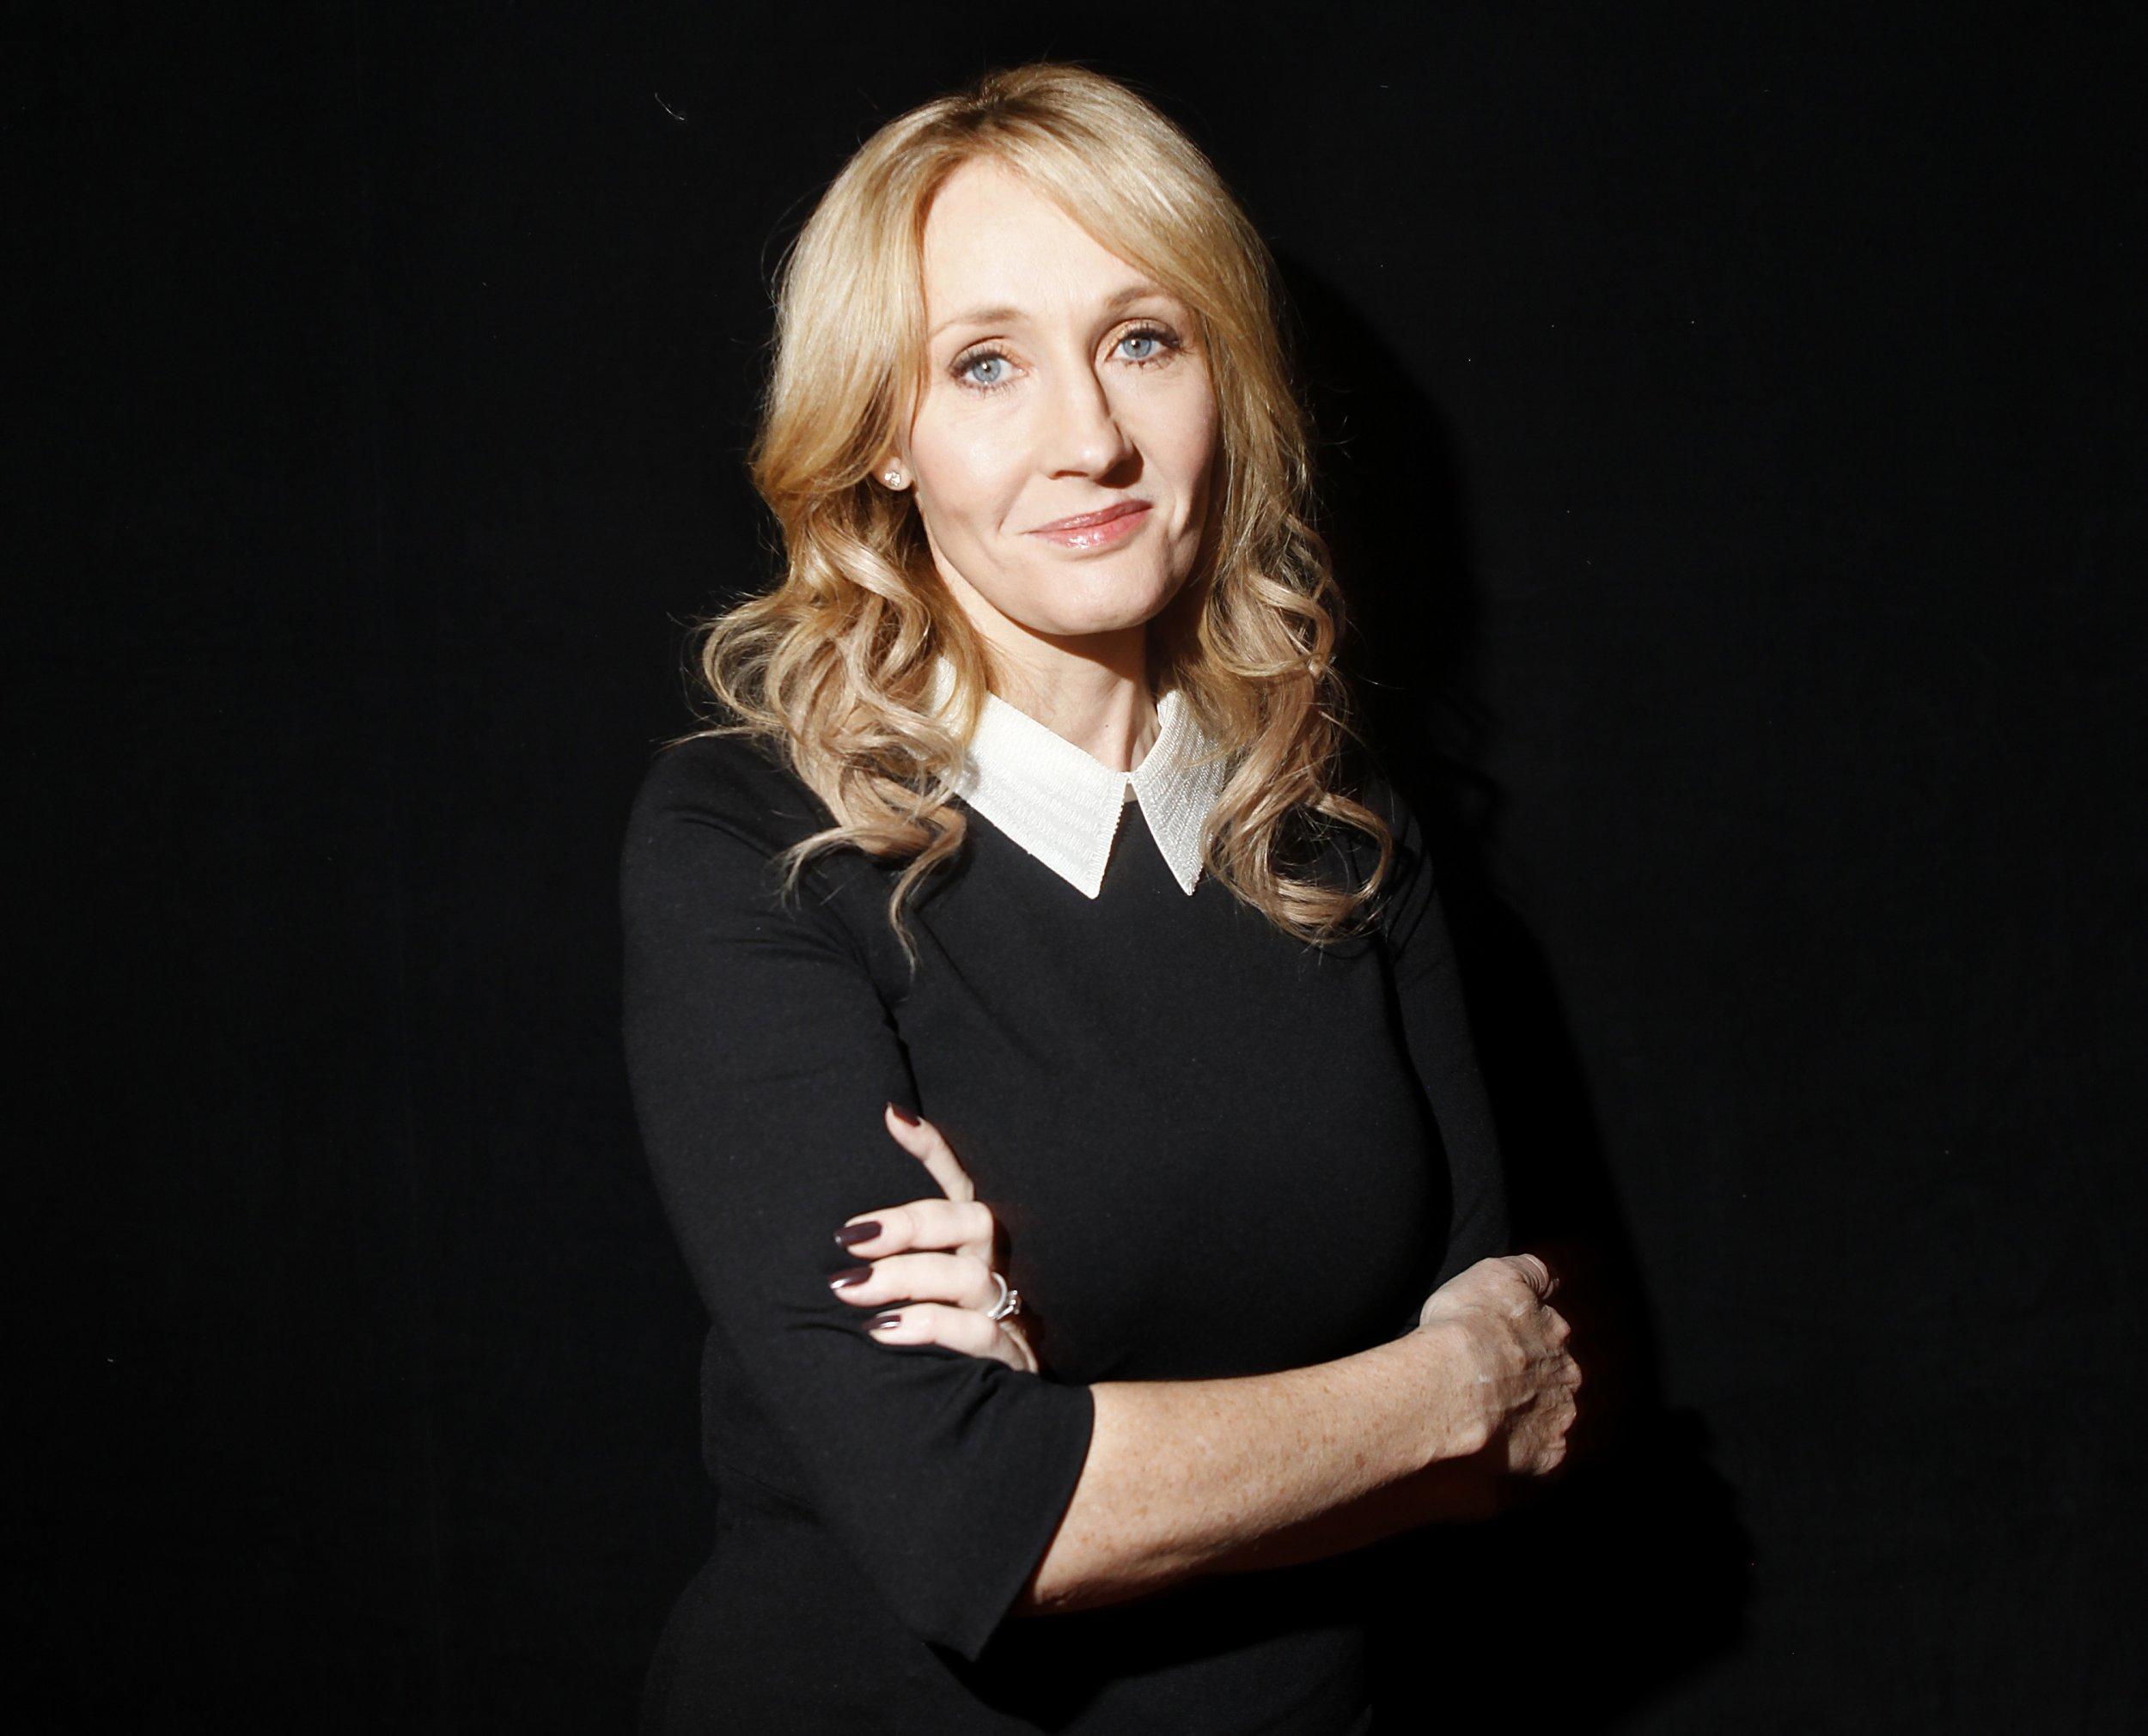 03_04_JK_Rowling_01